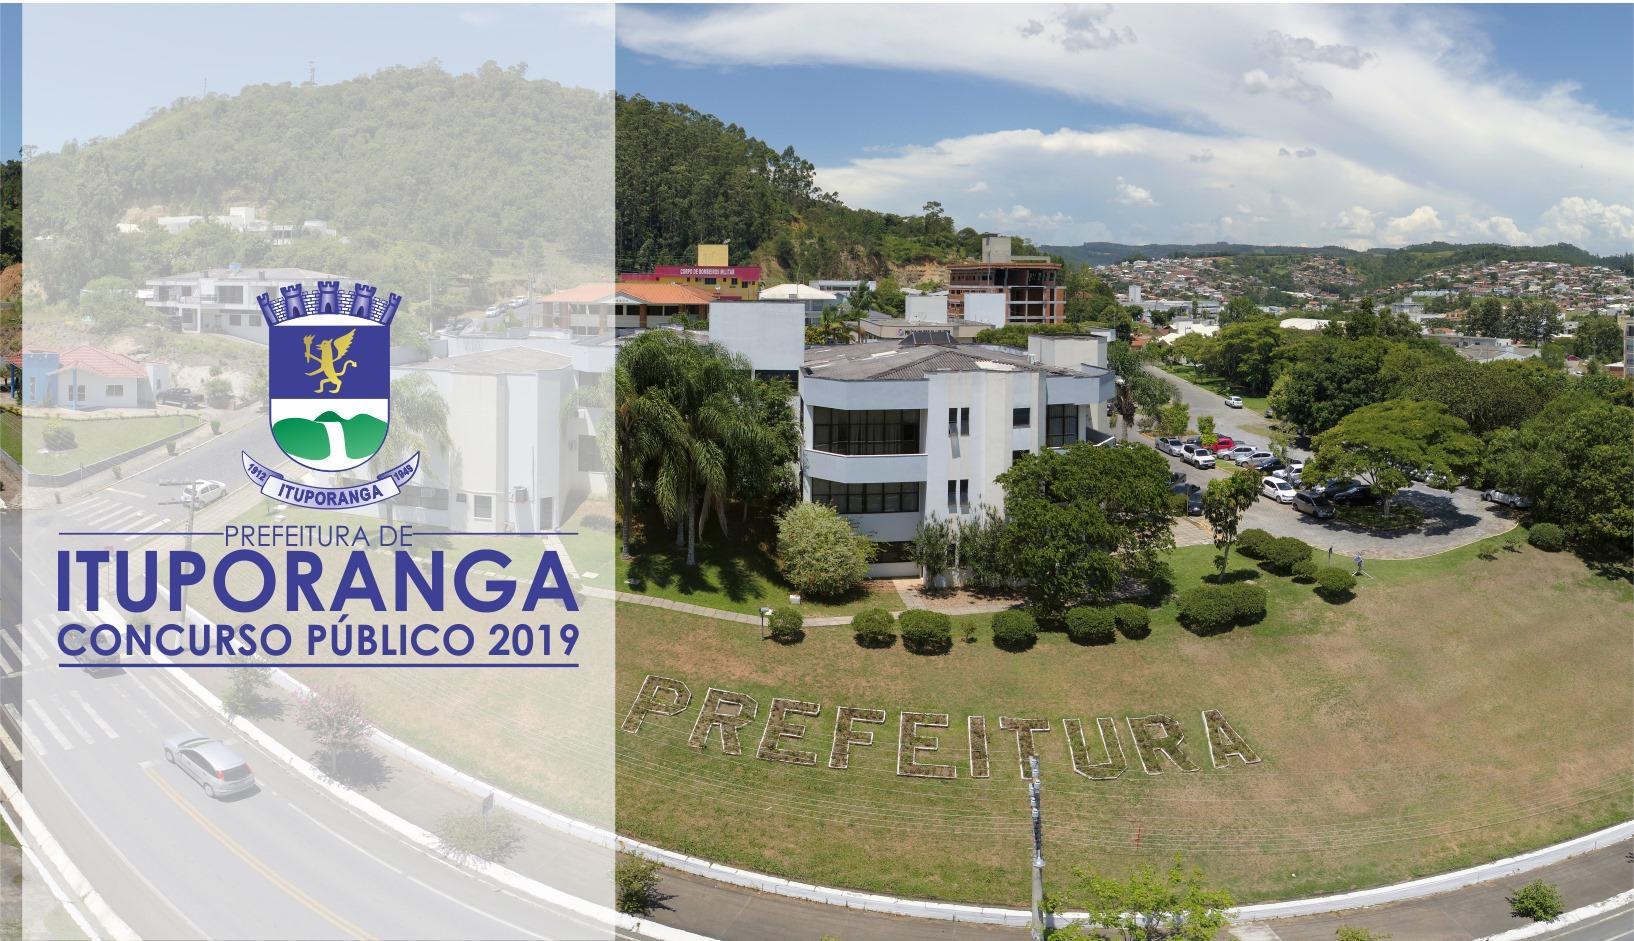 Prefeitura de Ituporanga lança Concurso Público 2019